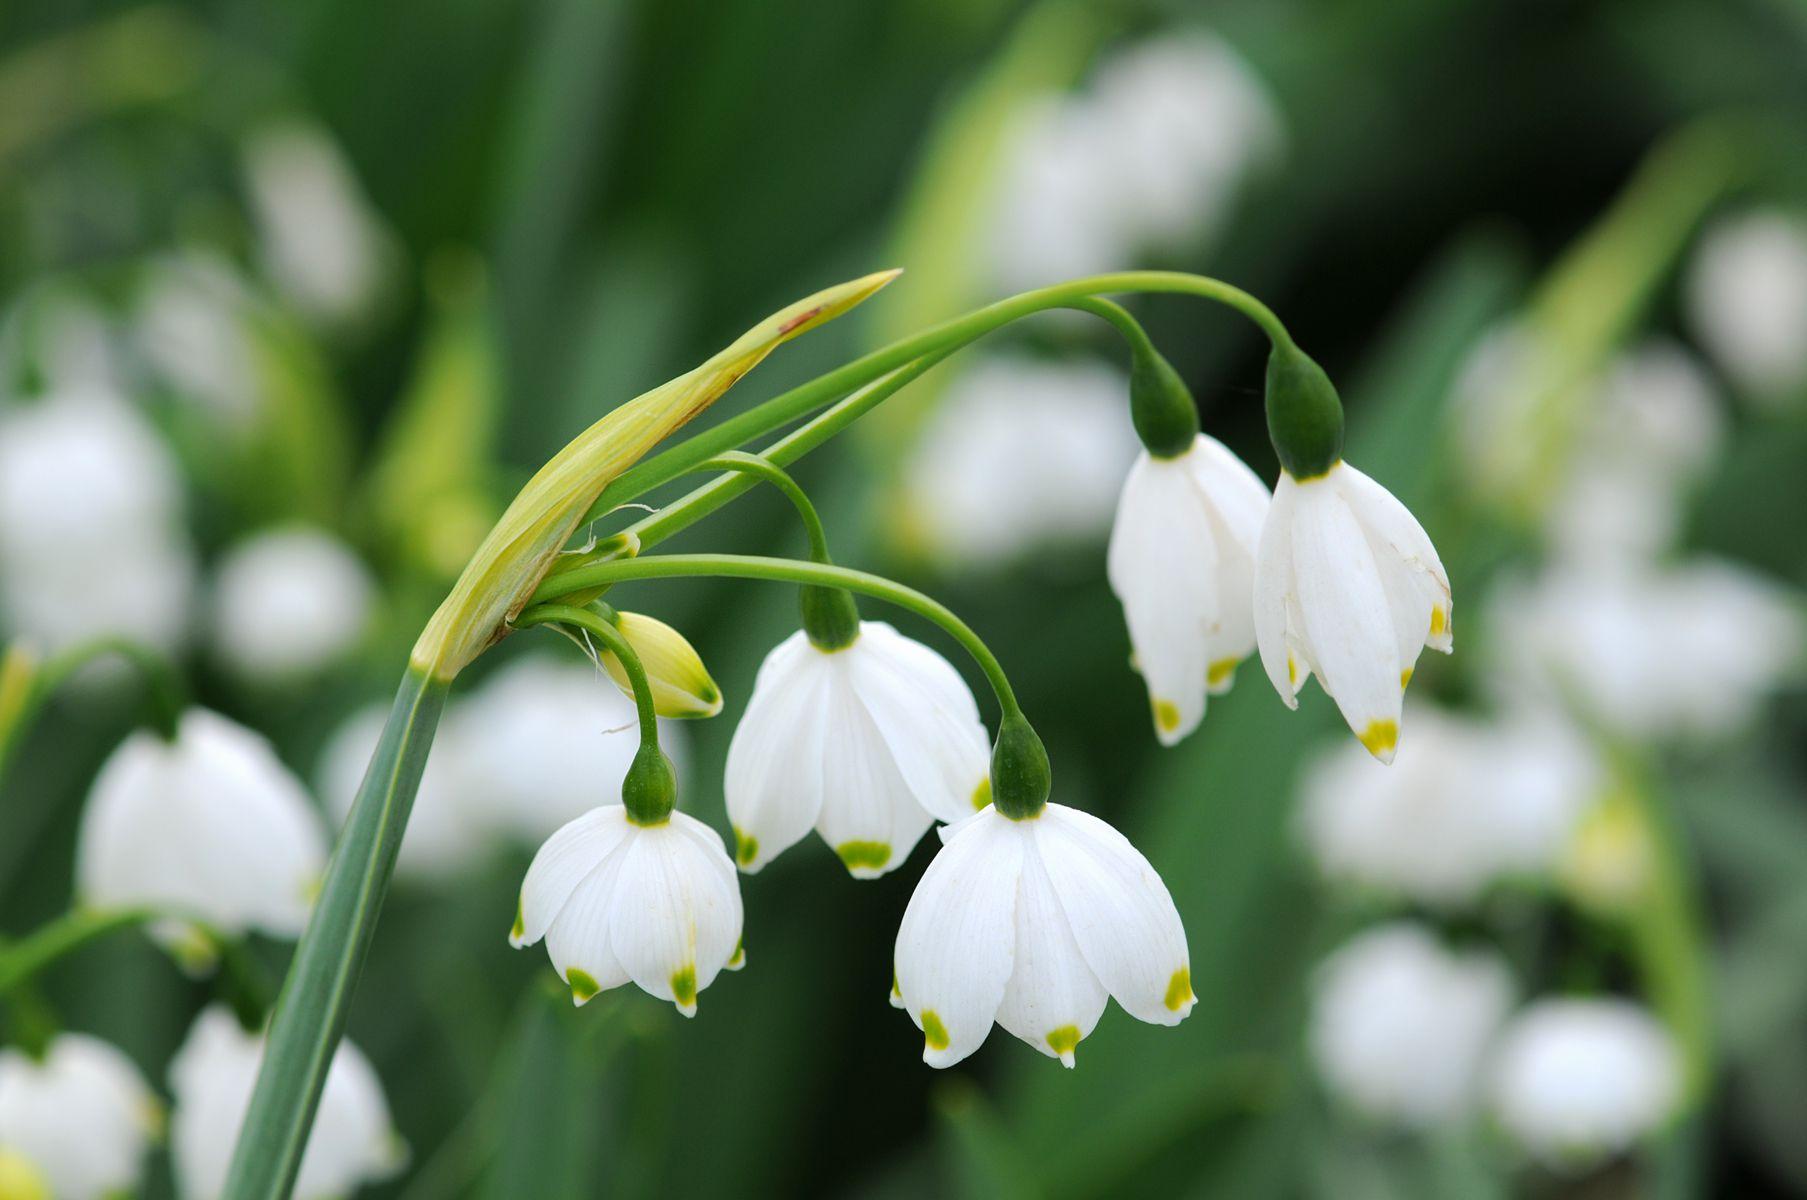 White leucojum flowers hanging from stem